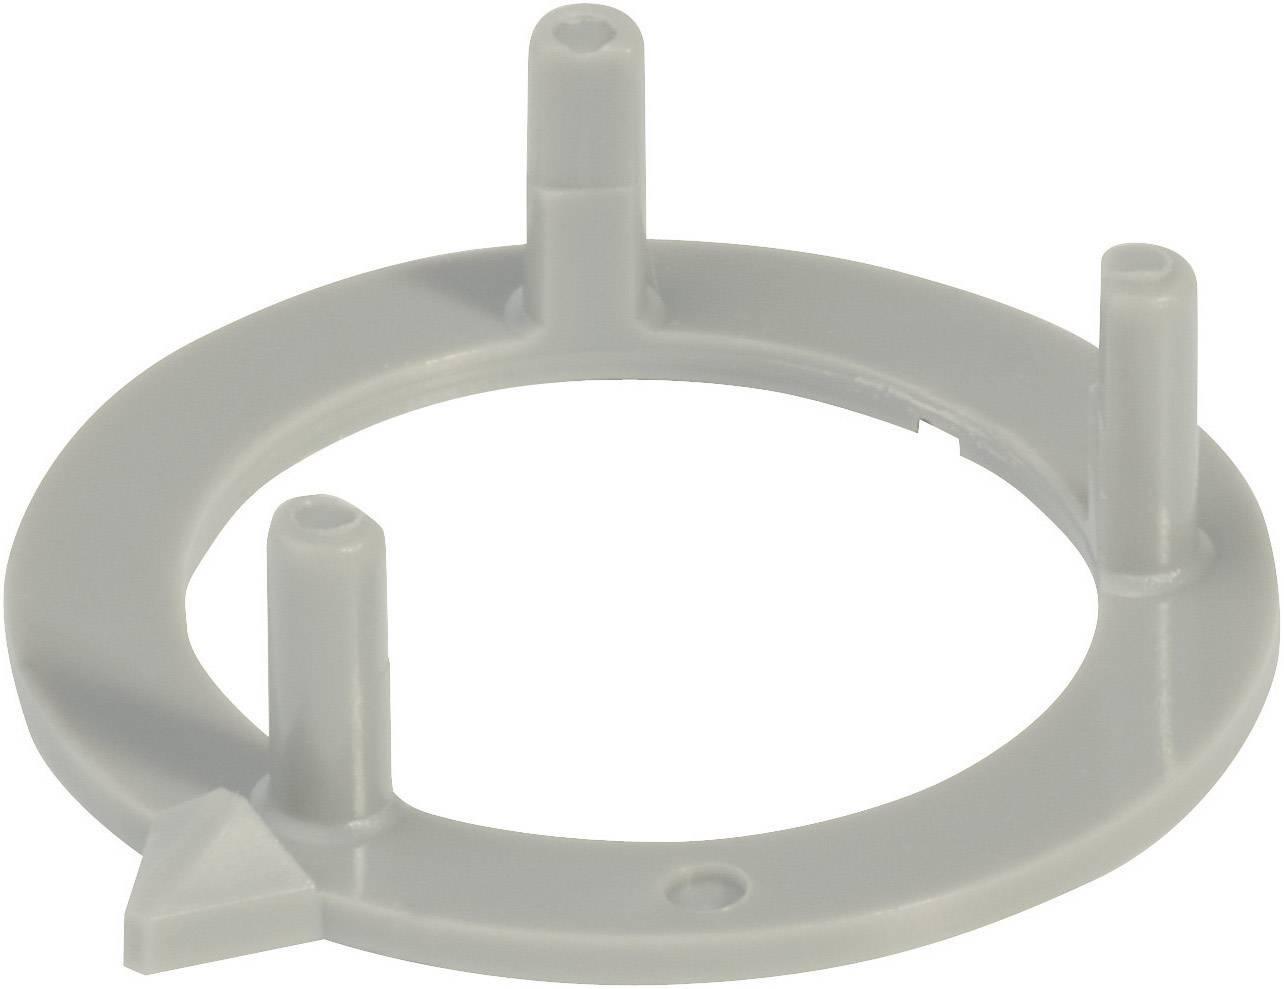 Ukazatel OKW vhodný pro knoflíky Ø 20 mm, šedá